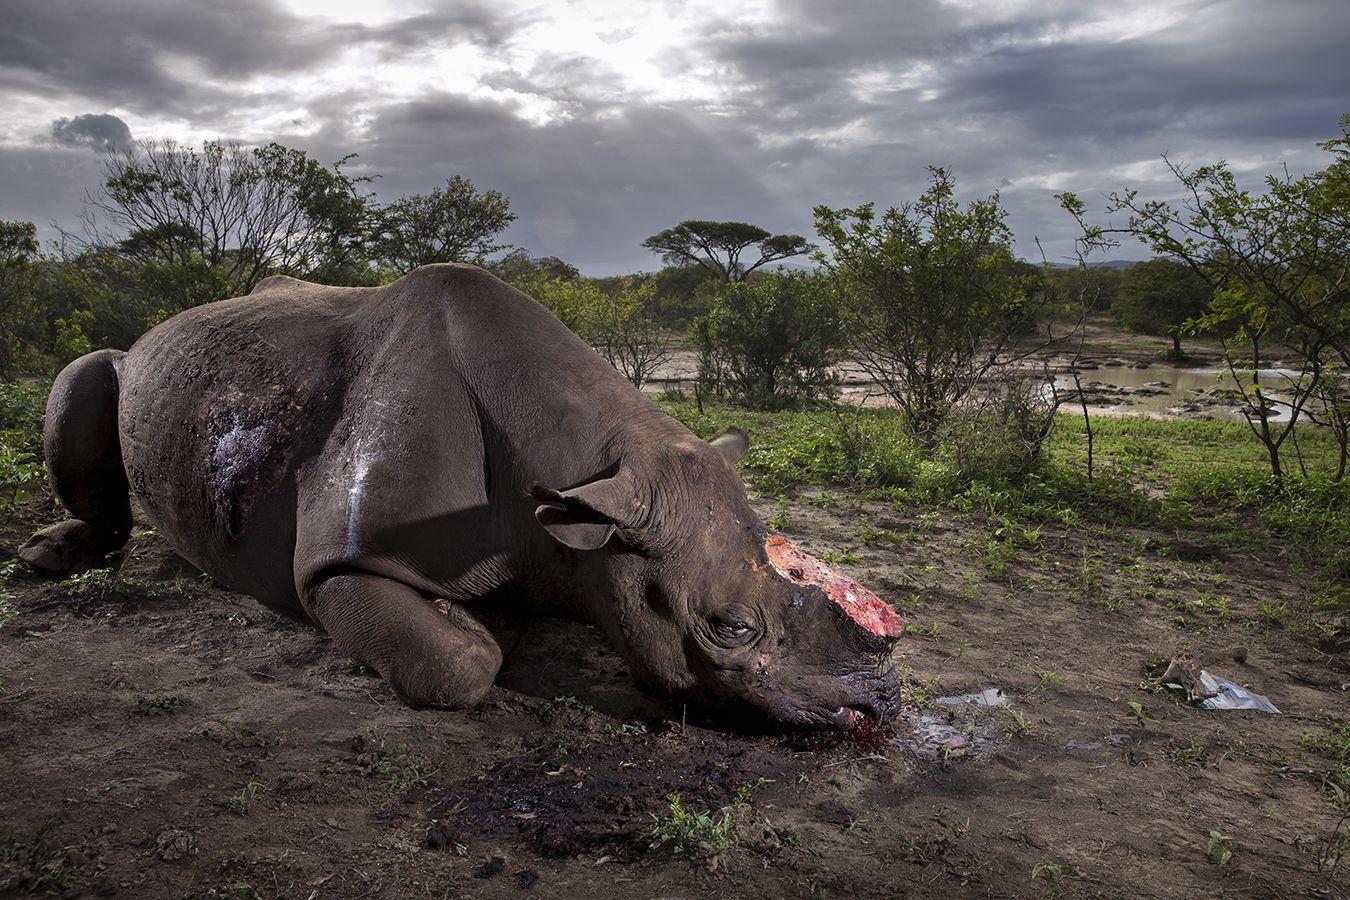 Wildlife Photography Awards фотоконкурс животные отвратительные мужики disgusting men